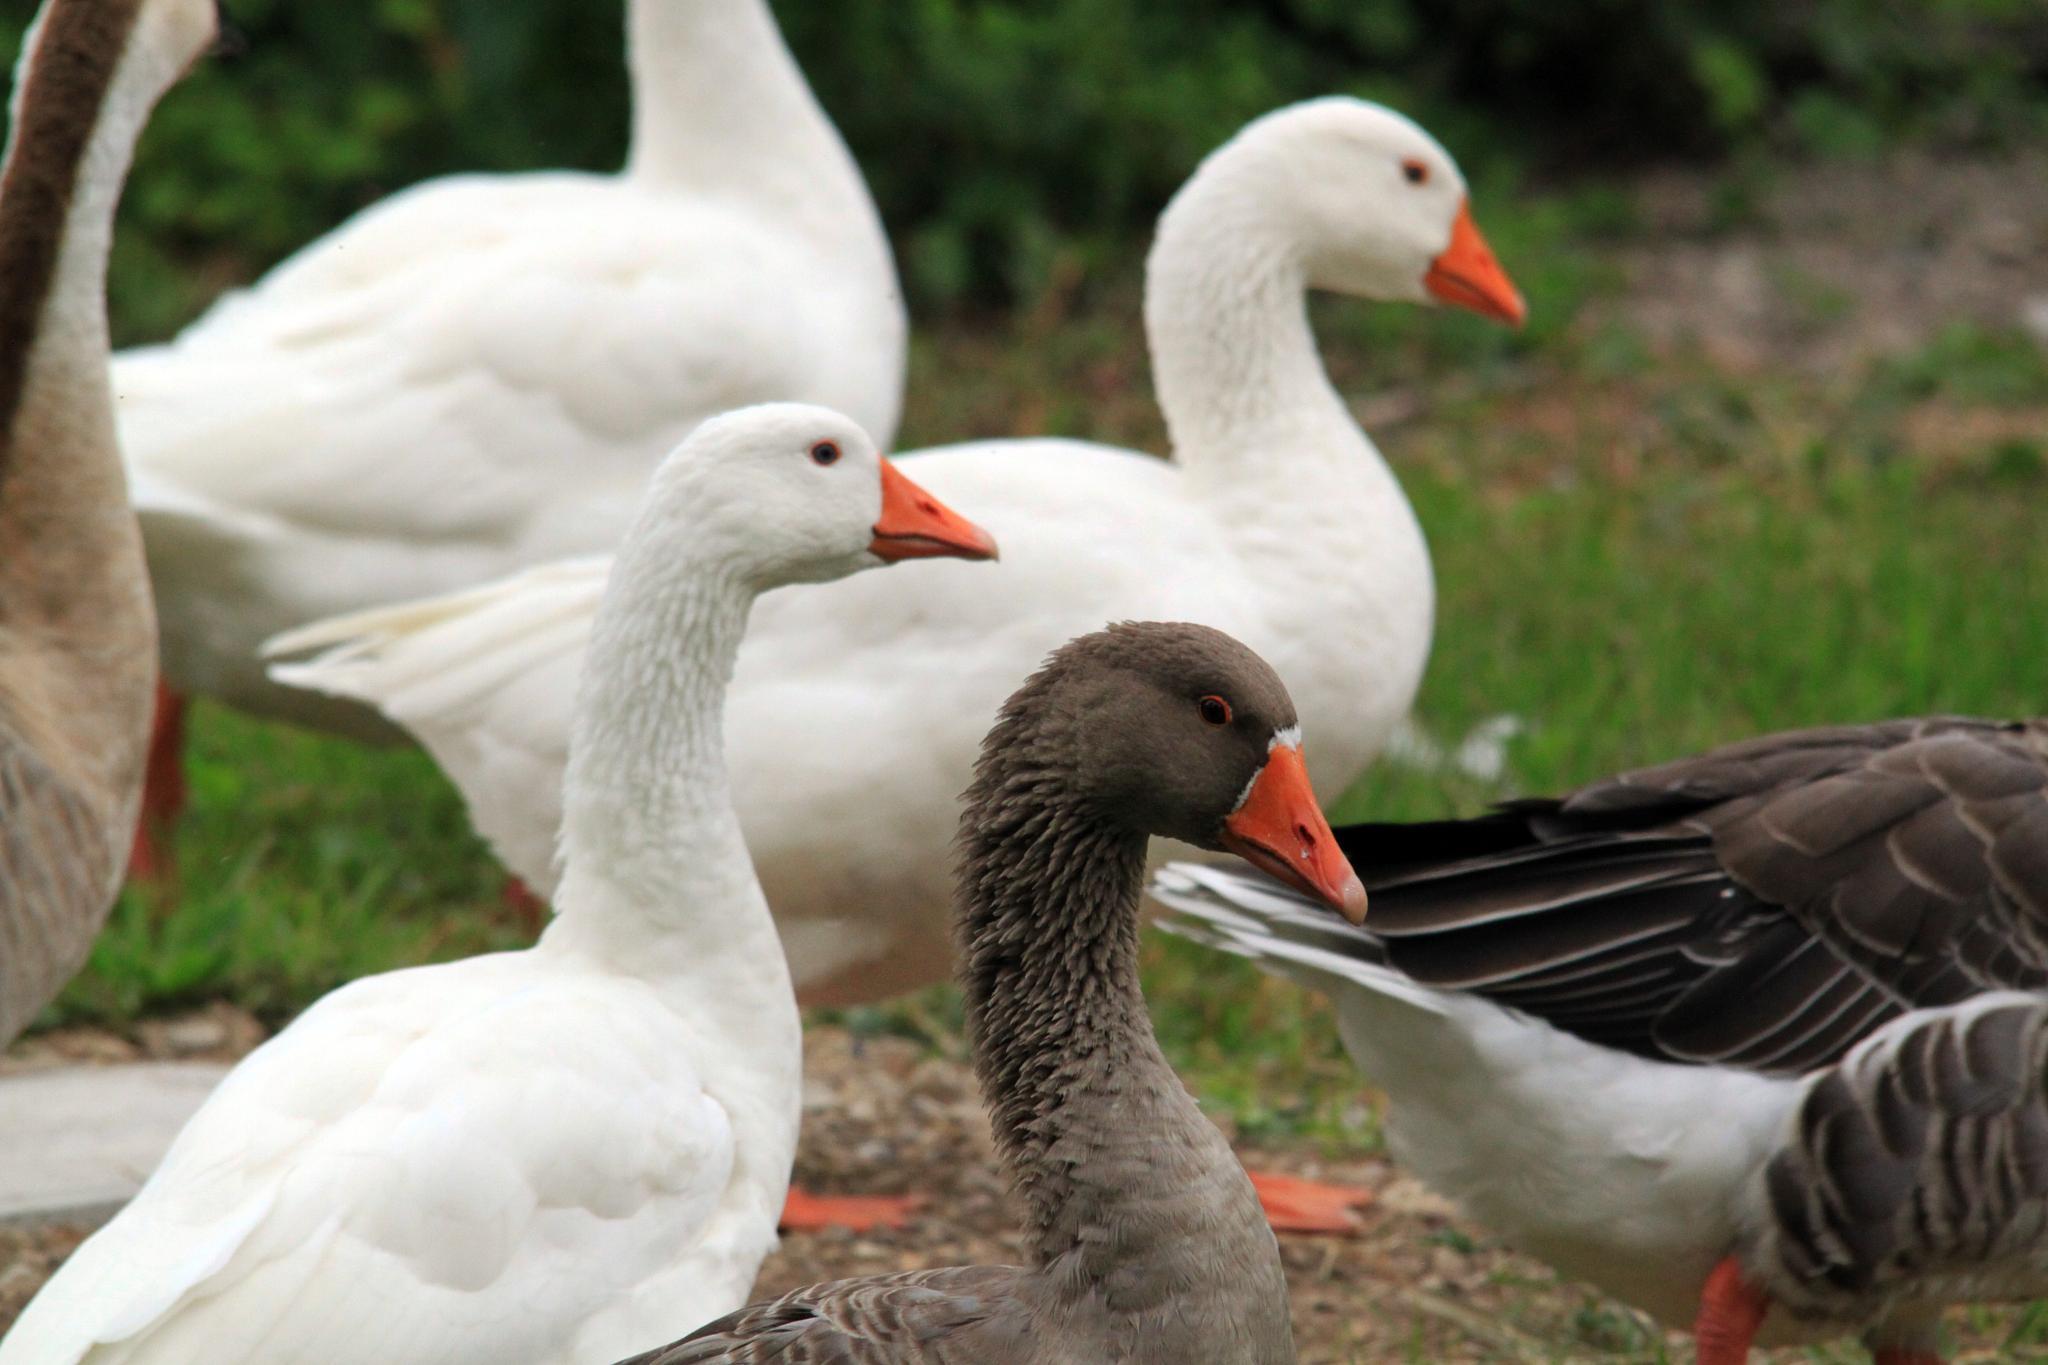 Quack! by Davide 'Dado Dalle Ave